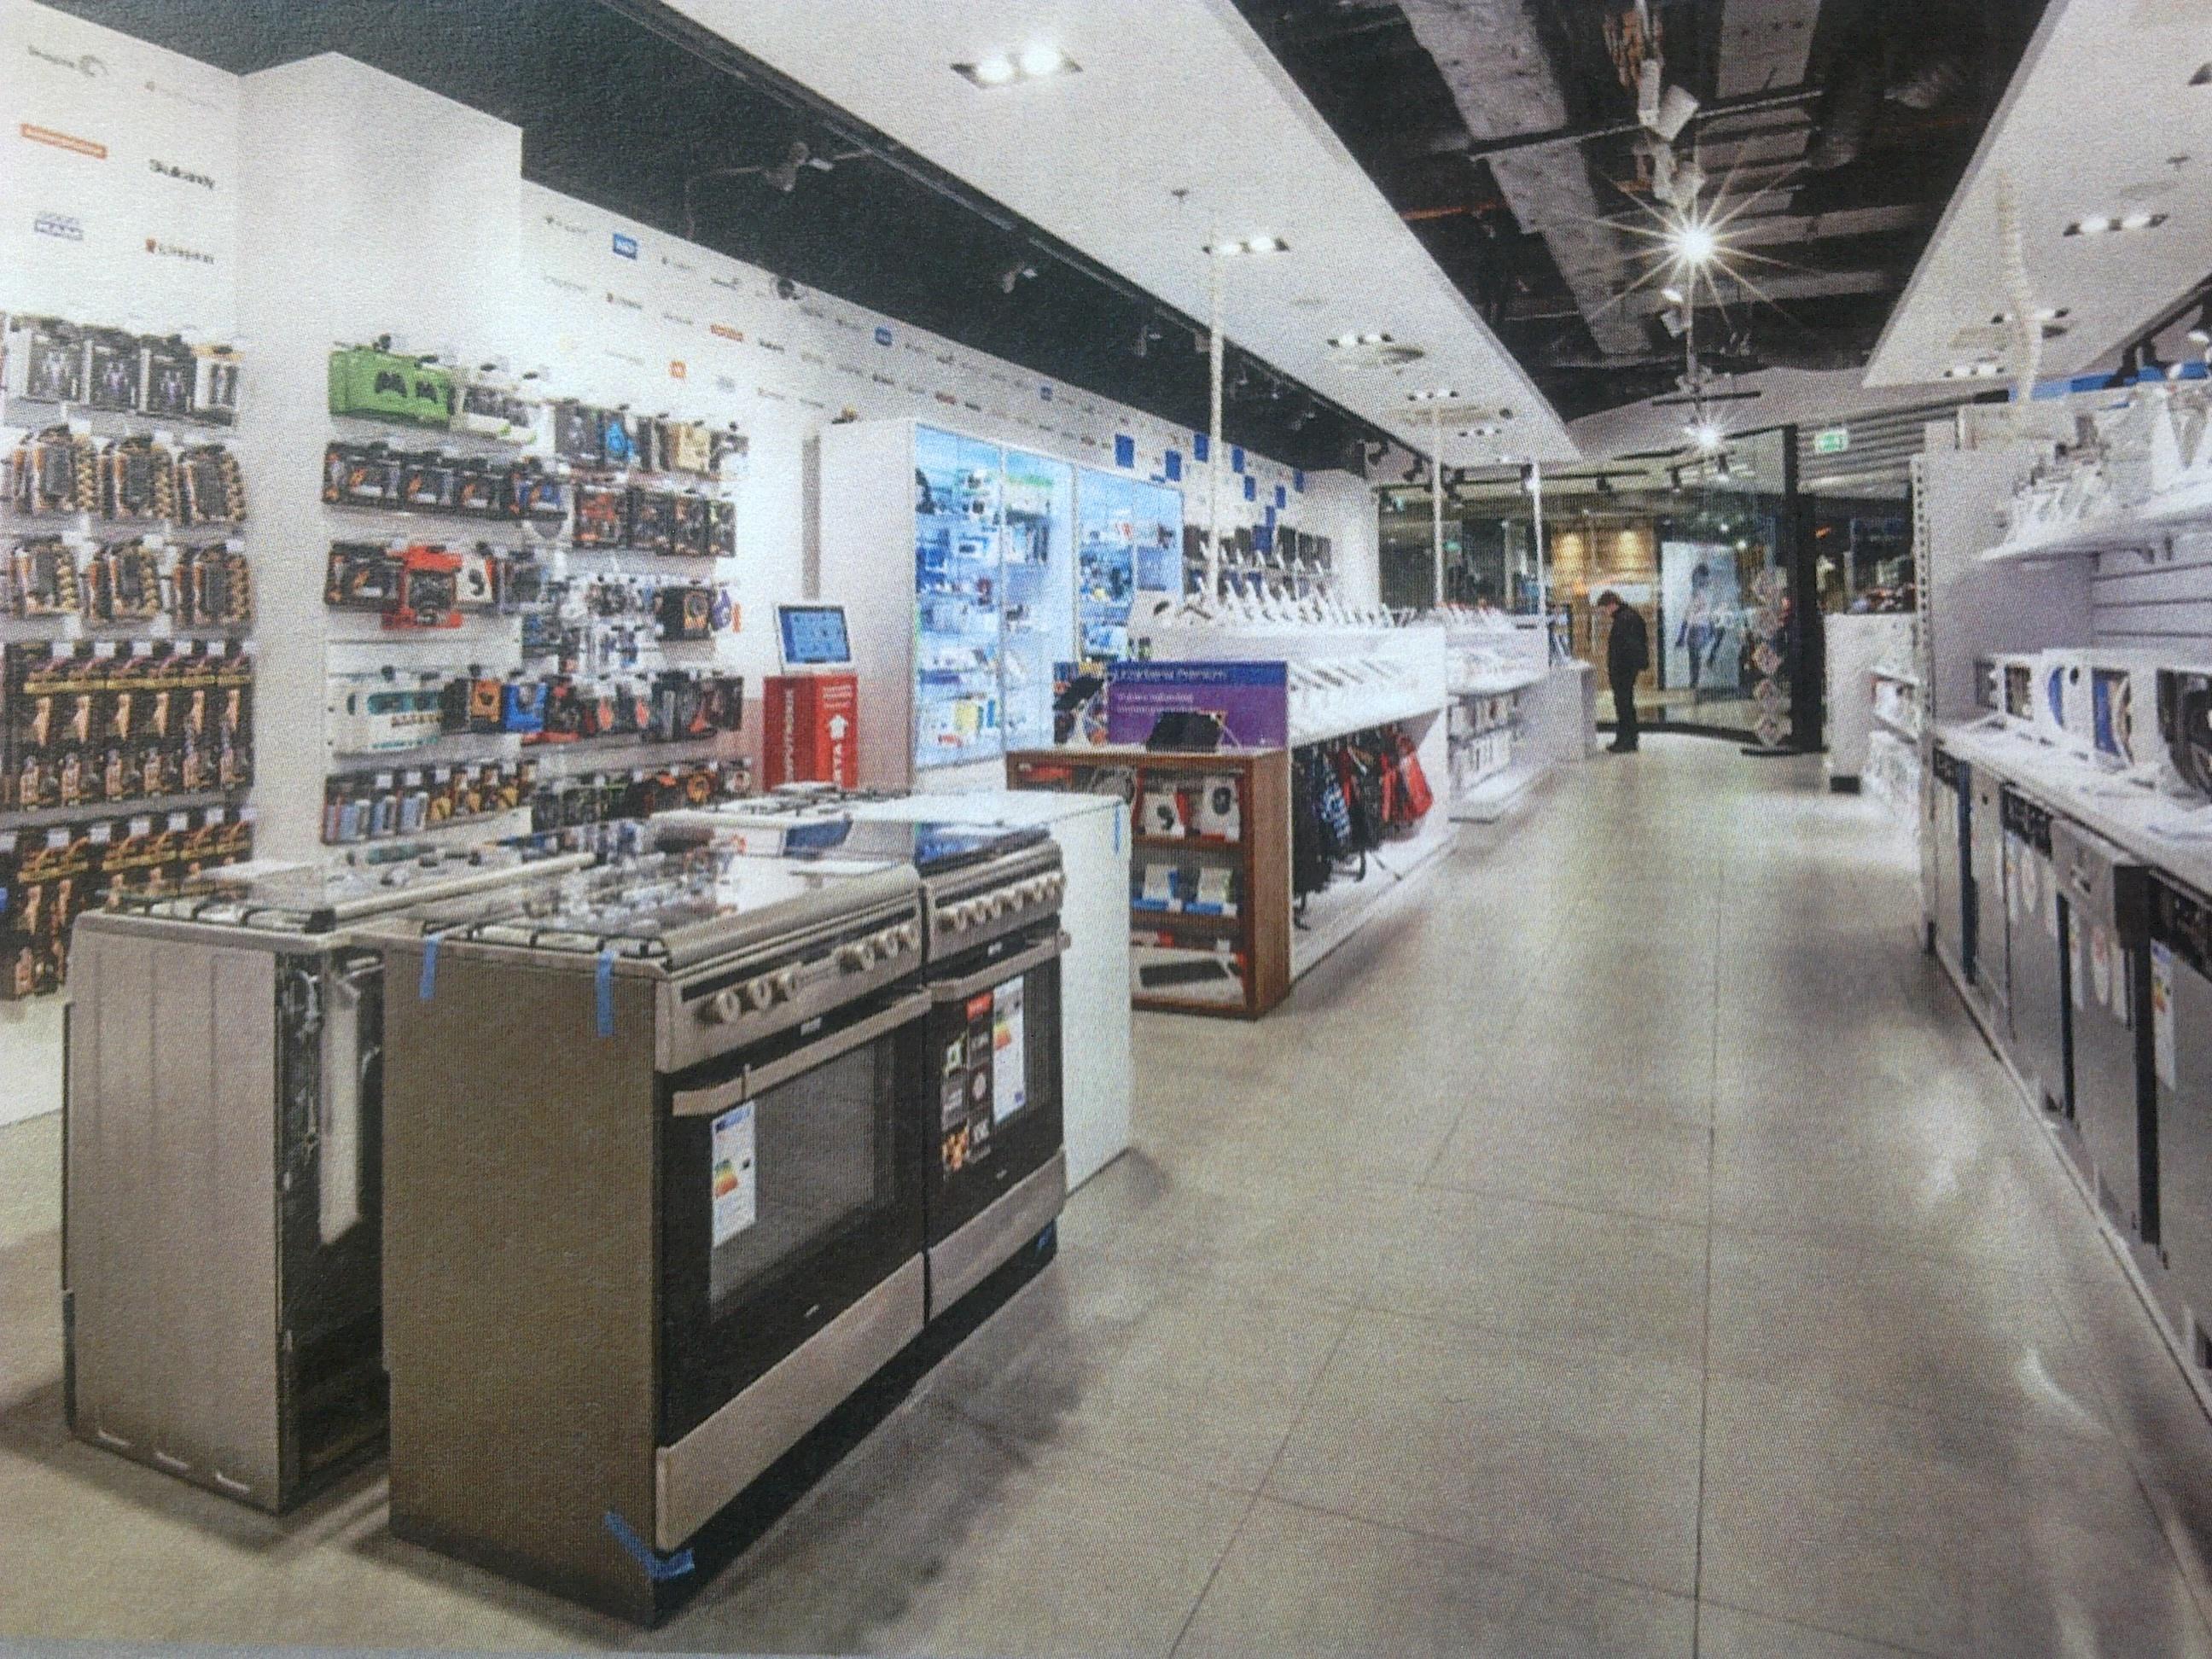 Komputronik: 30 dużych sklepów do końca roku